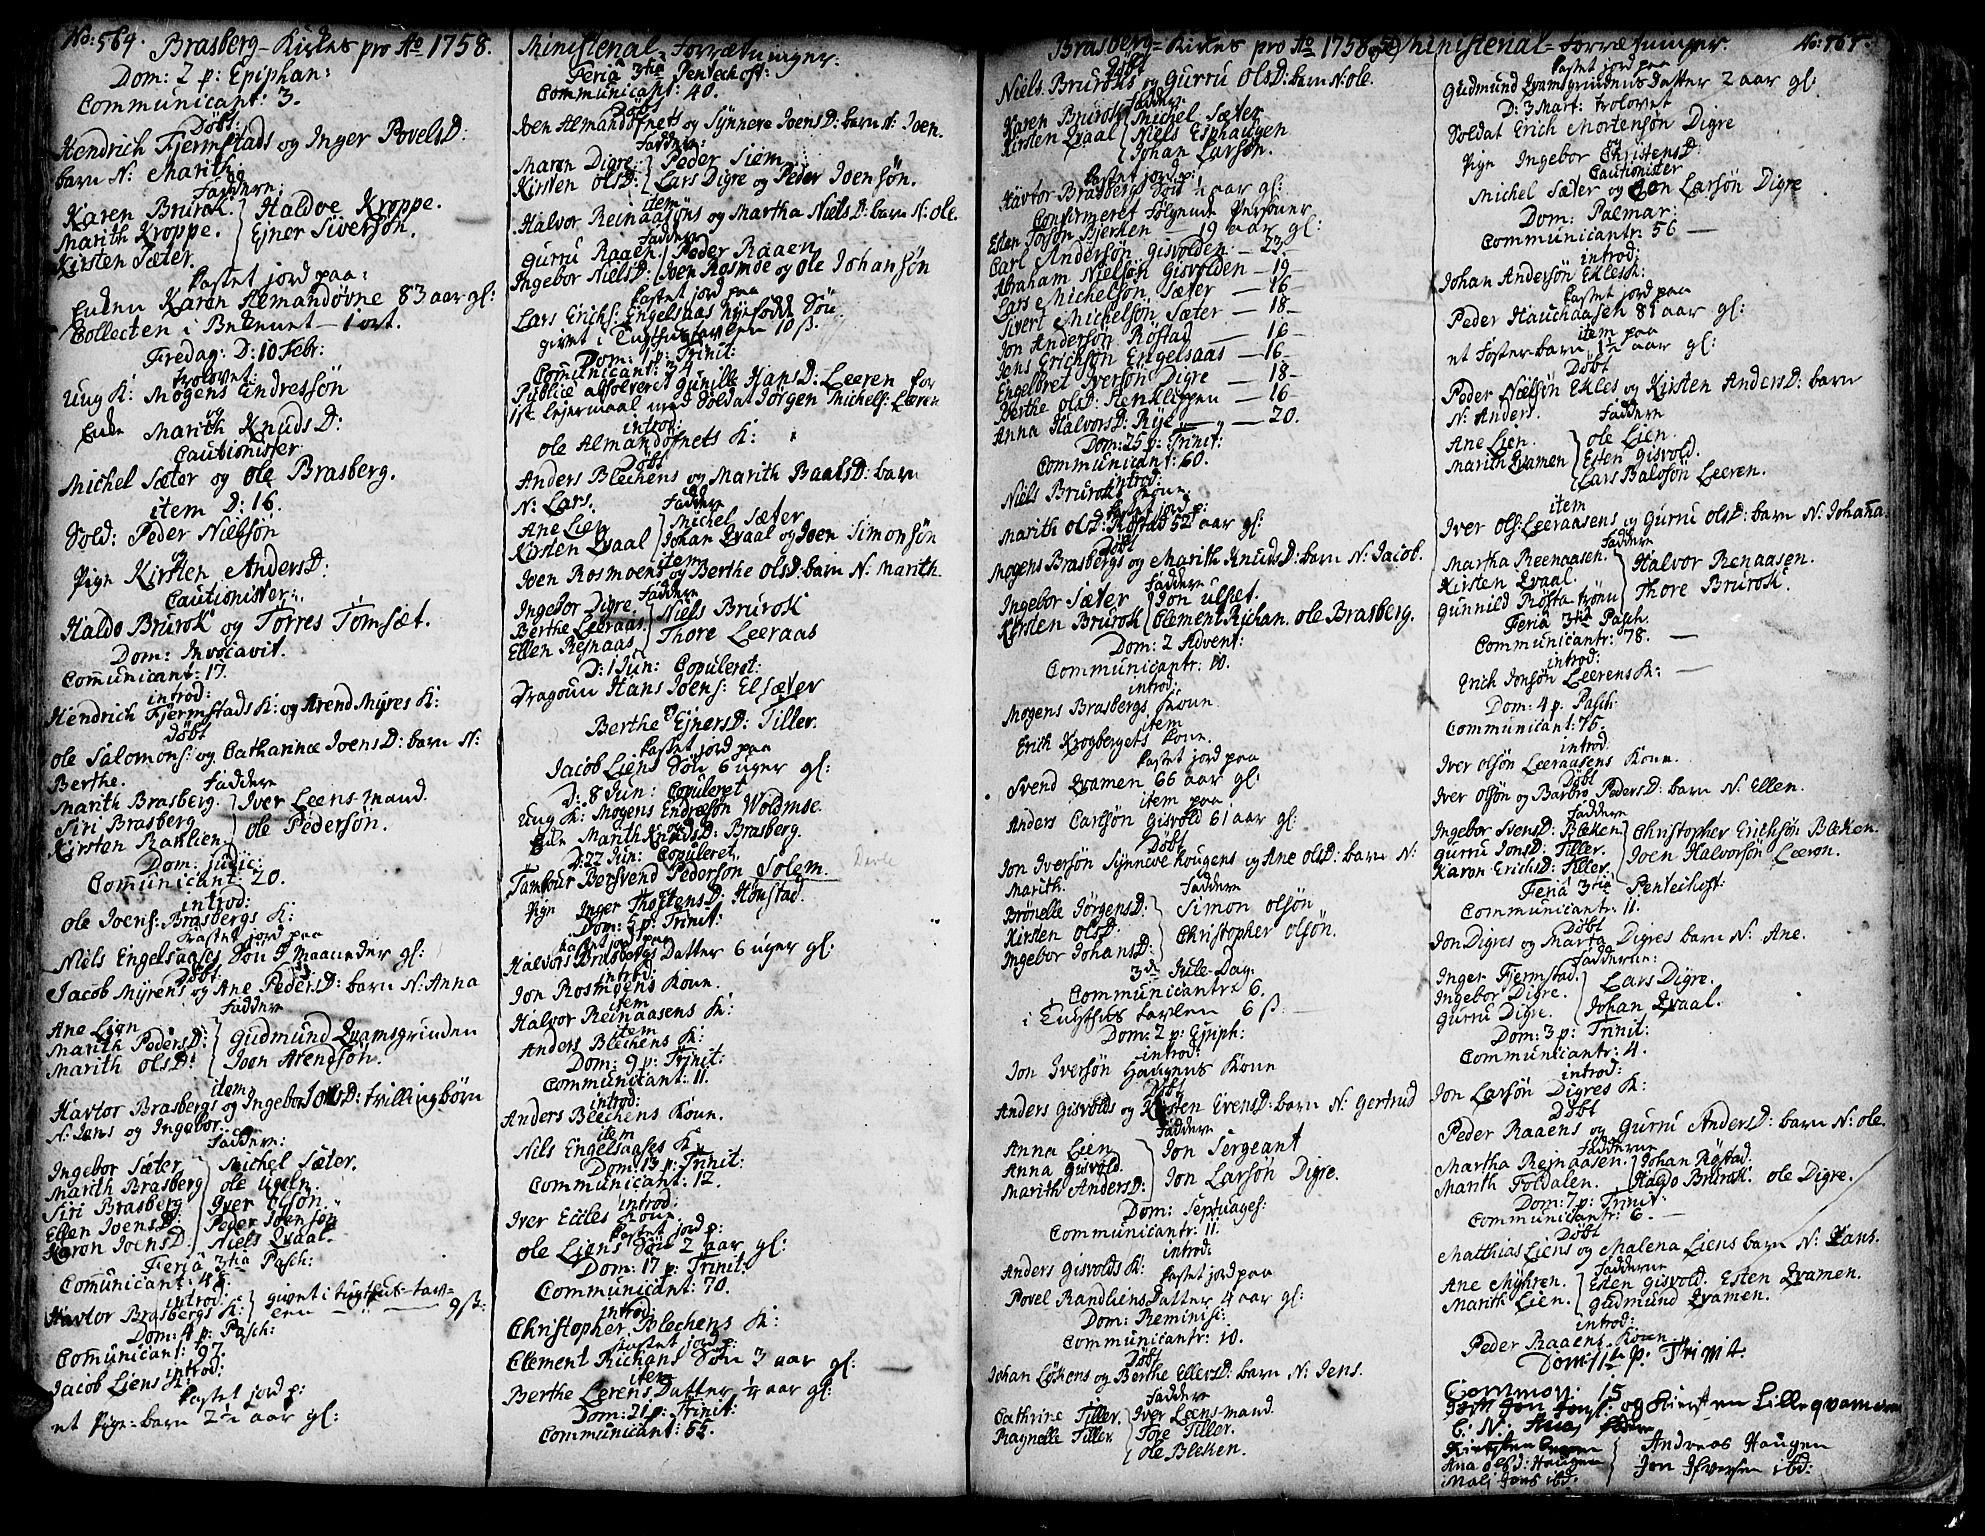 SAT, Ministerialprotokoller, klokkerbøker og fødselsregistre - Sør-Trøndelag, 606/L0278: Ministerialbok nr. 606A01 /4, 1727-1780, s. 564-565